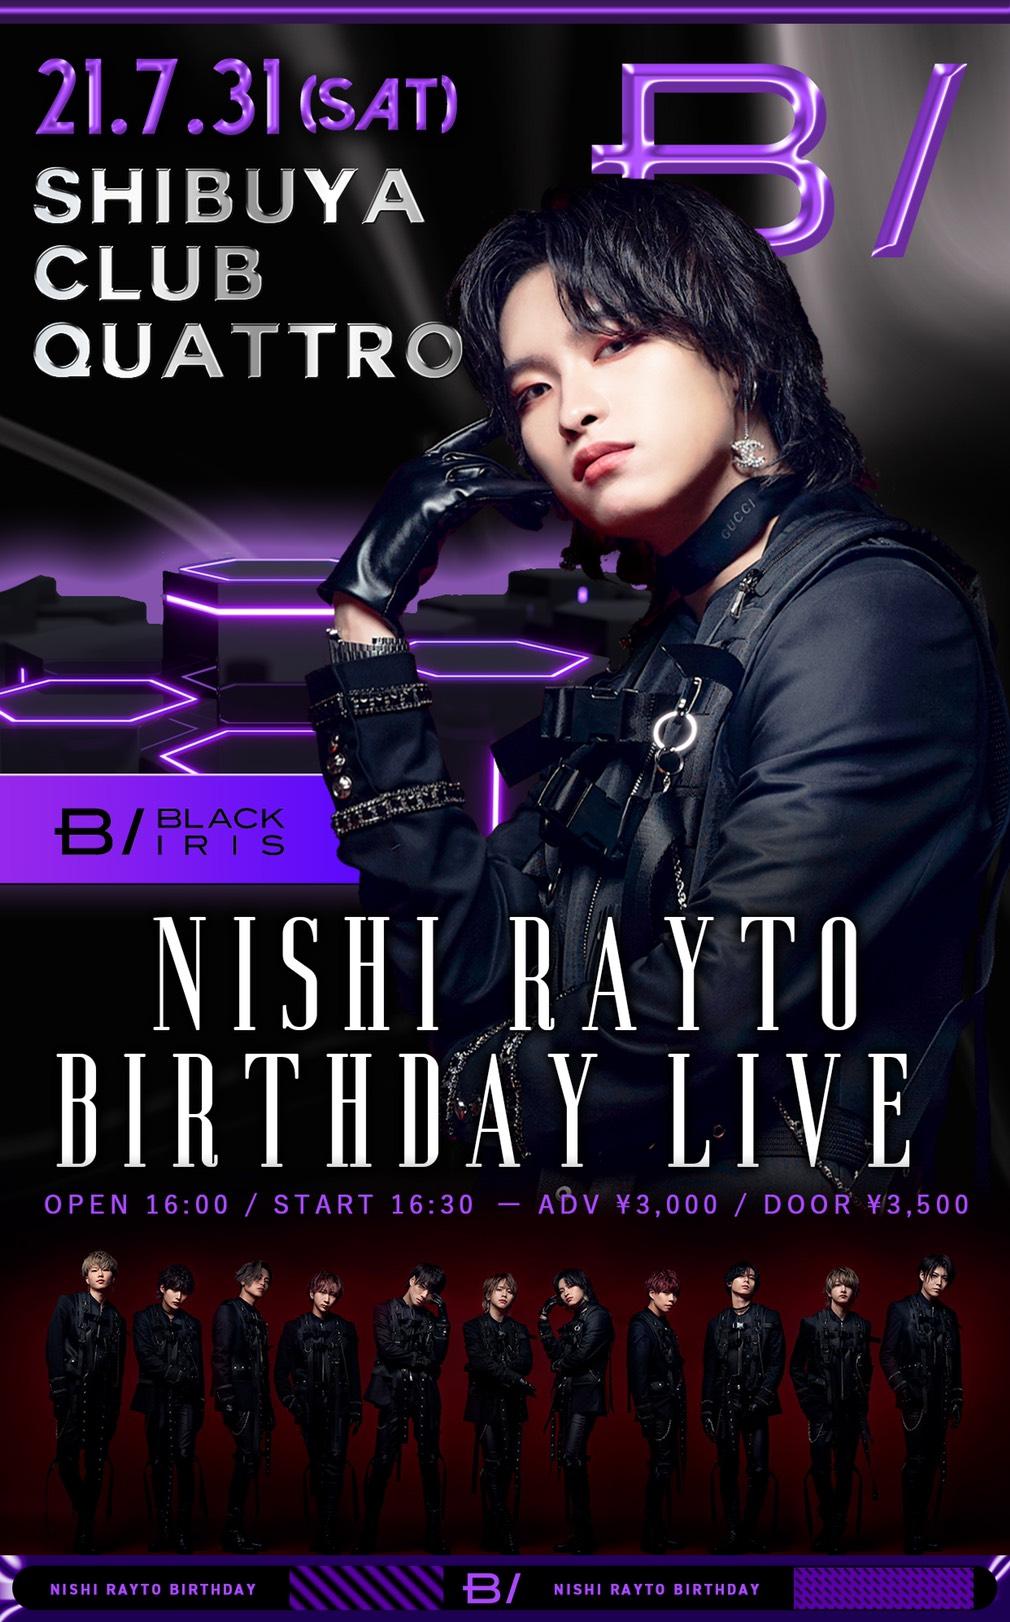 BLACK IRIS NISHI RAYTO BIRTHDAY LIVE